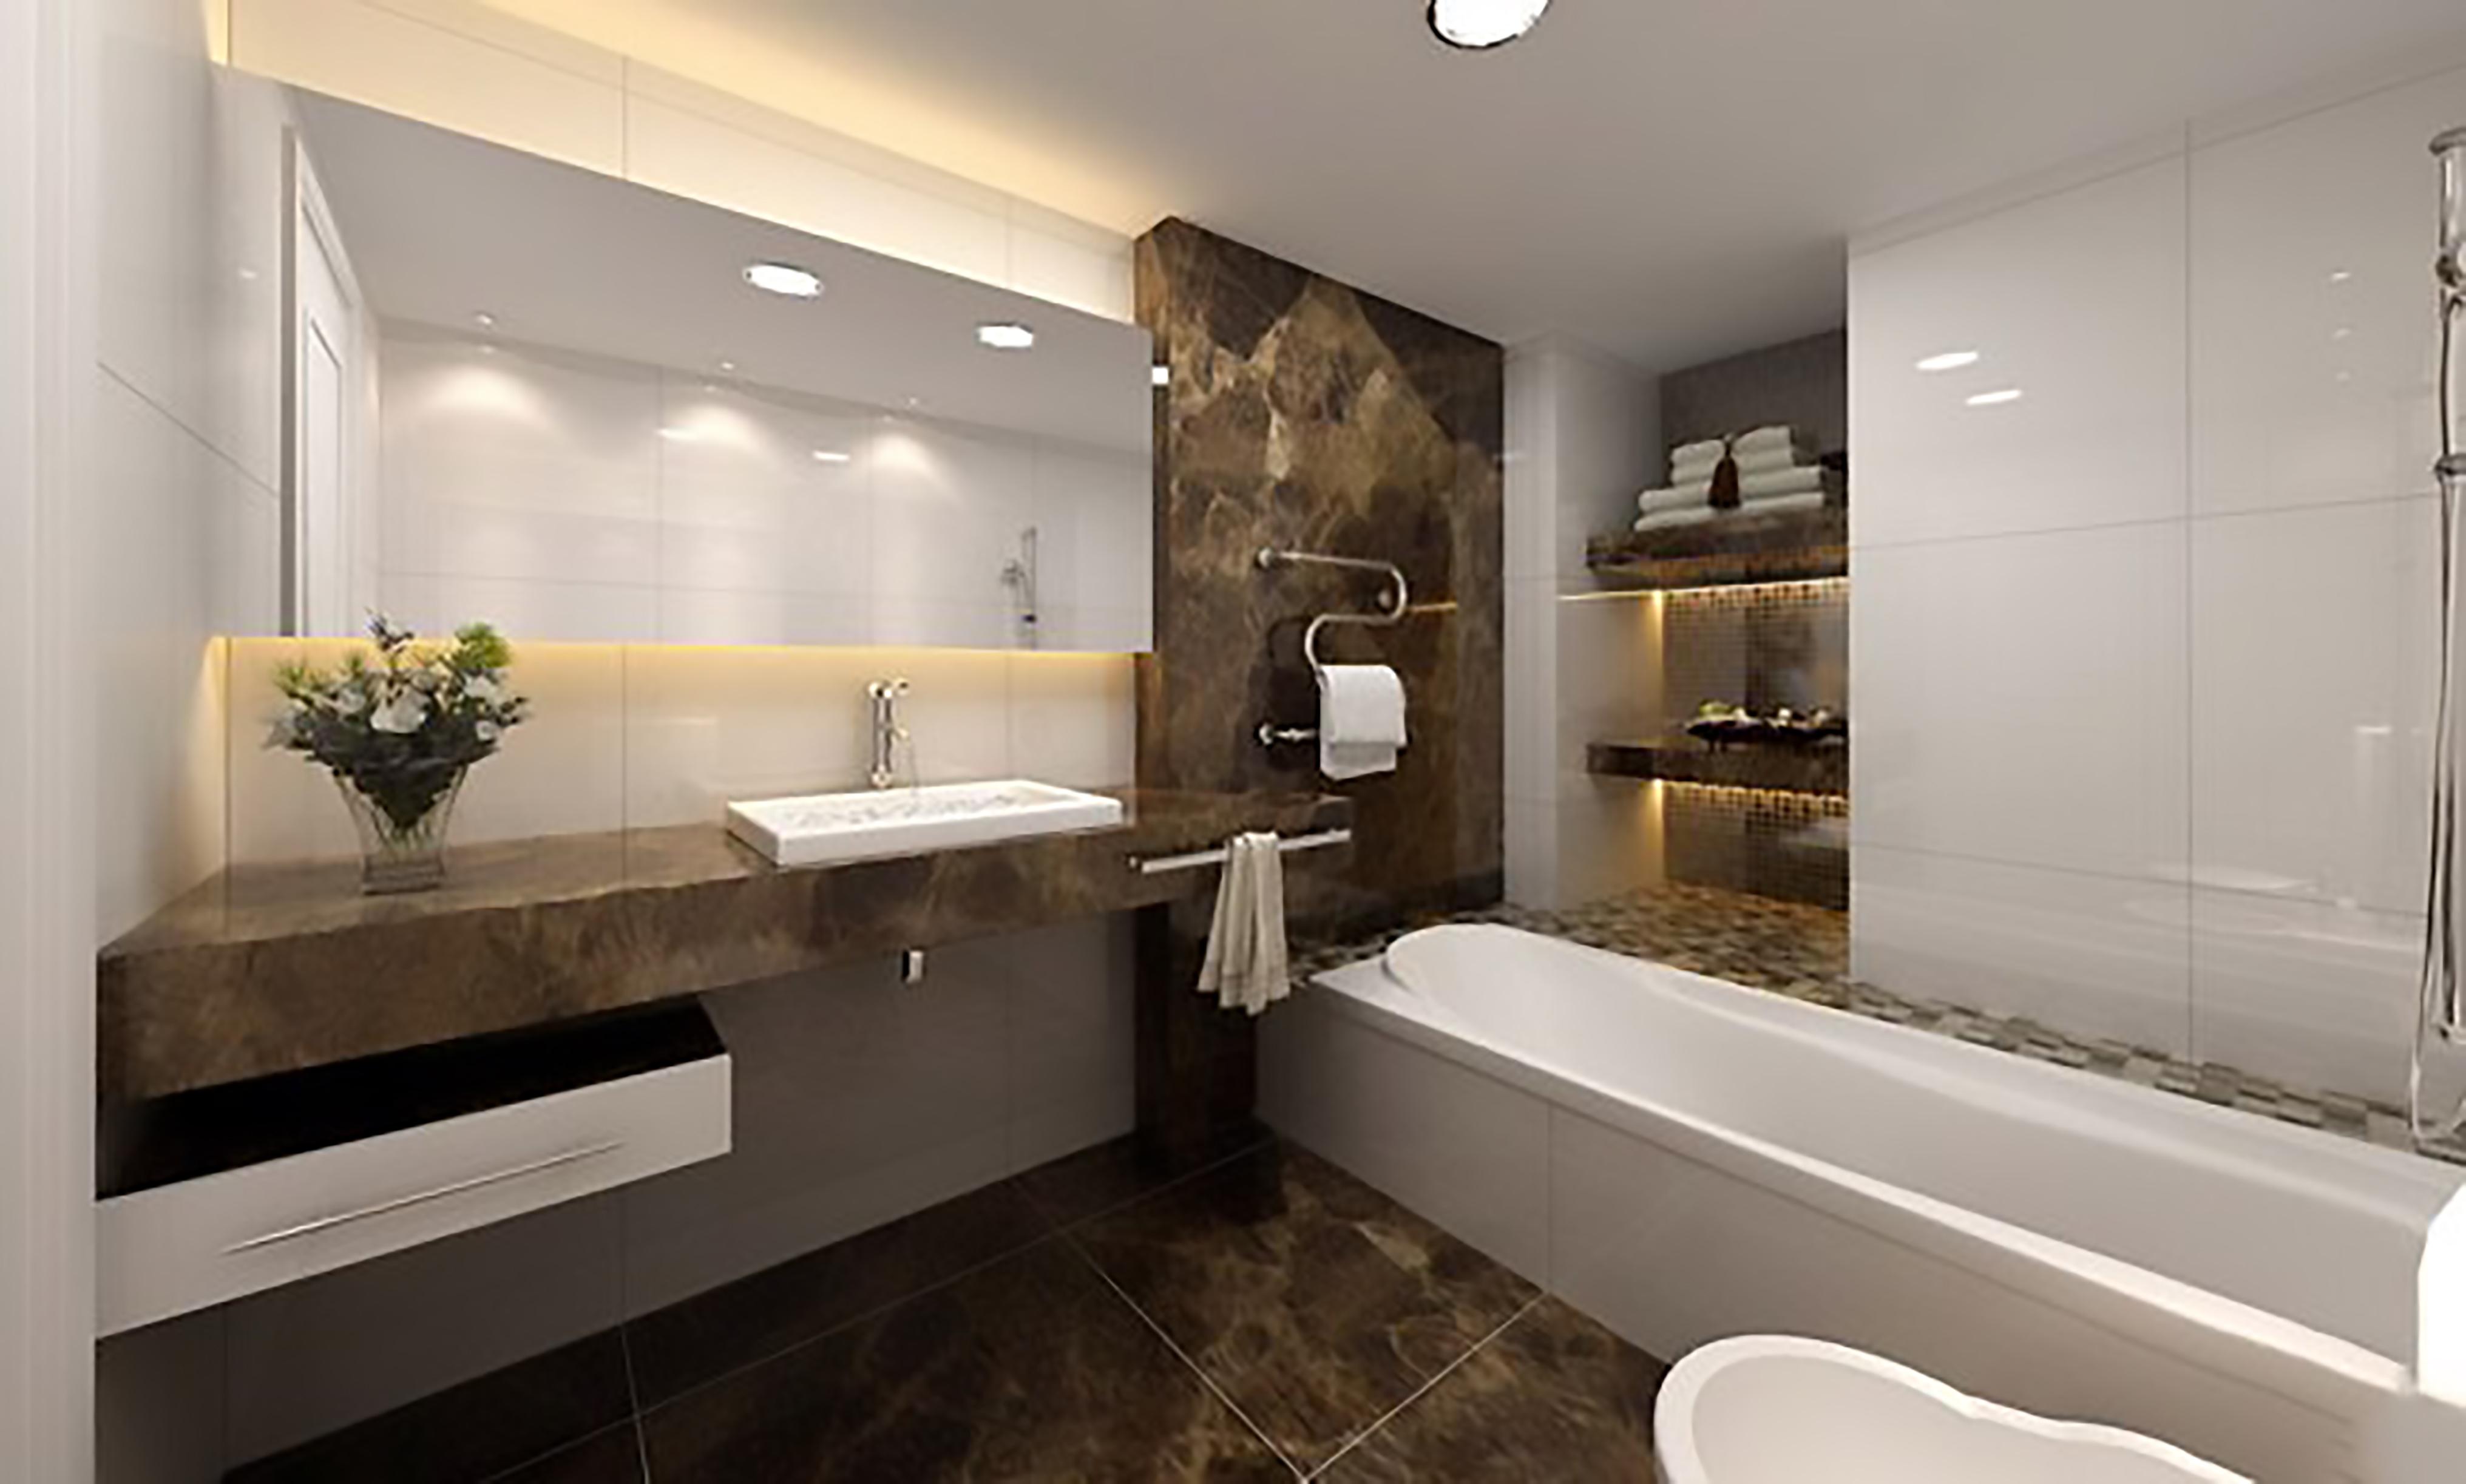 phòng tắm ôp mẫu đá tự nhiên